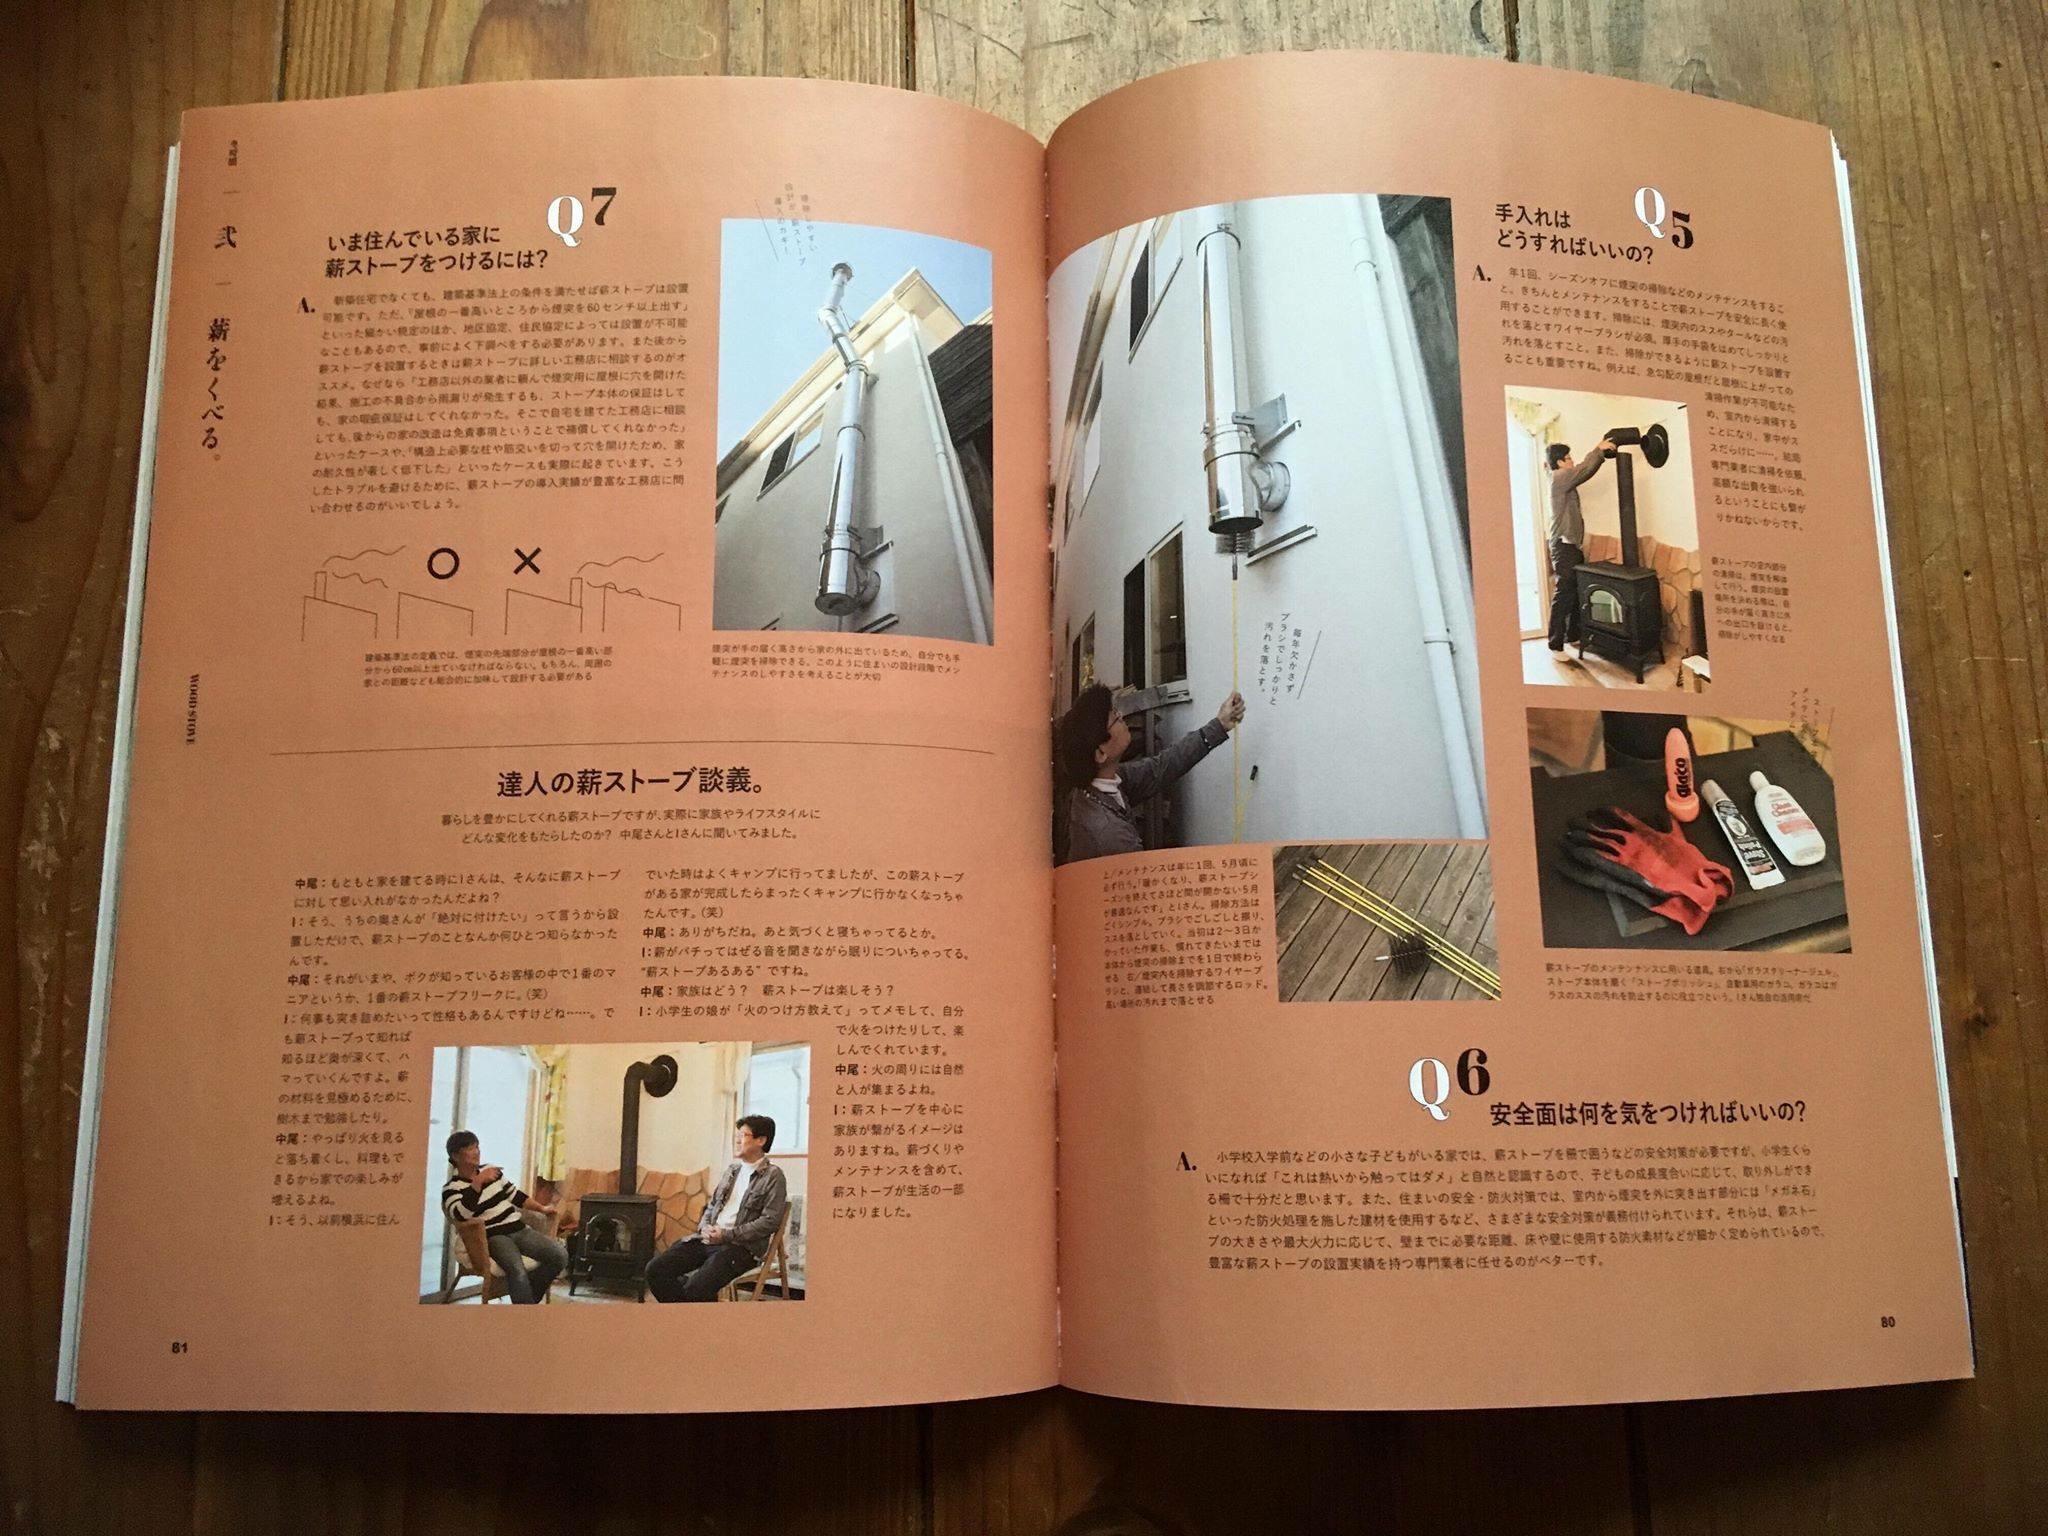 発売開始した湘南スタイルをぜひご覧くださいませ3